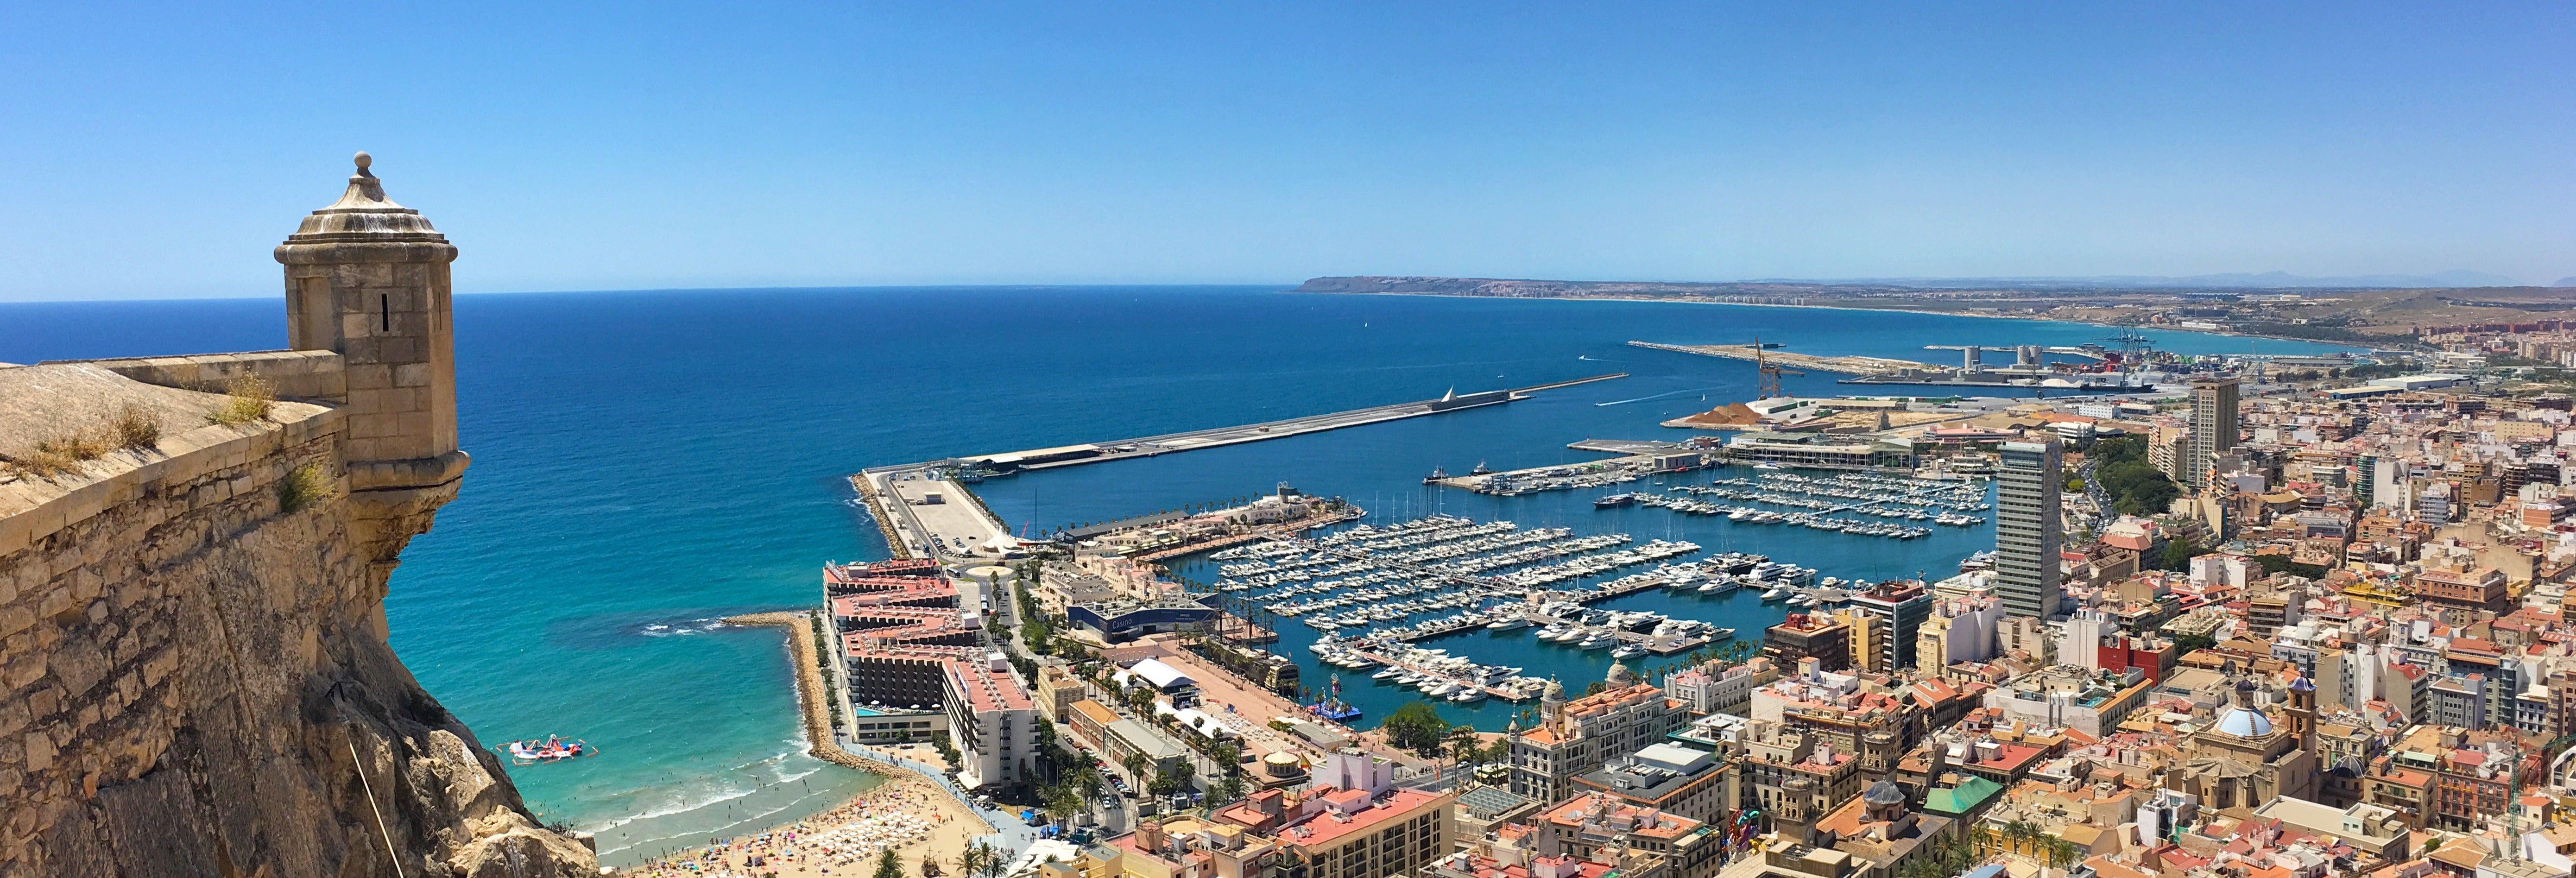 Visita guiada por Alicante